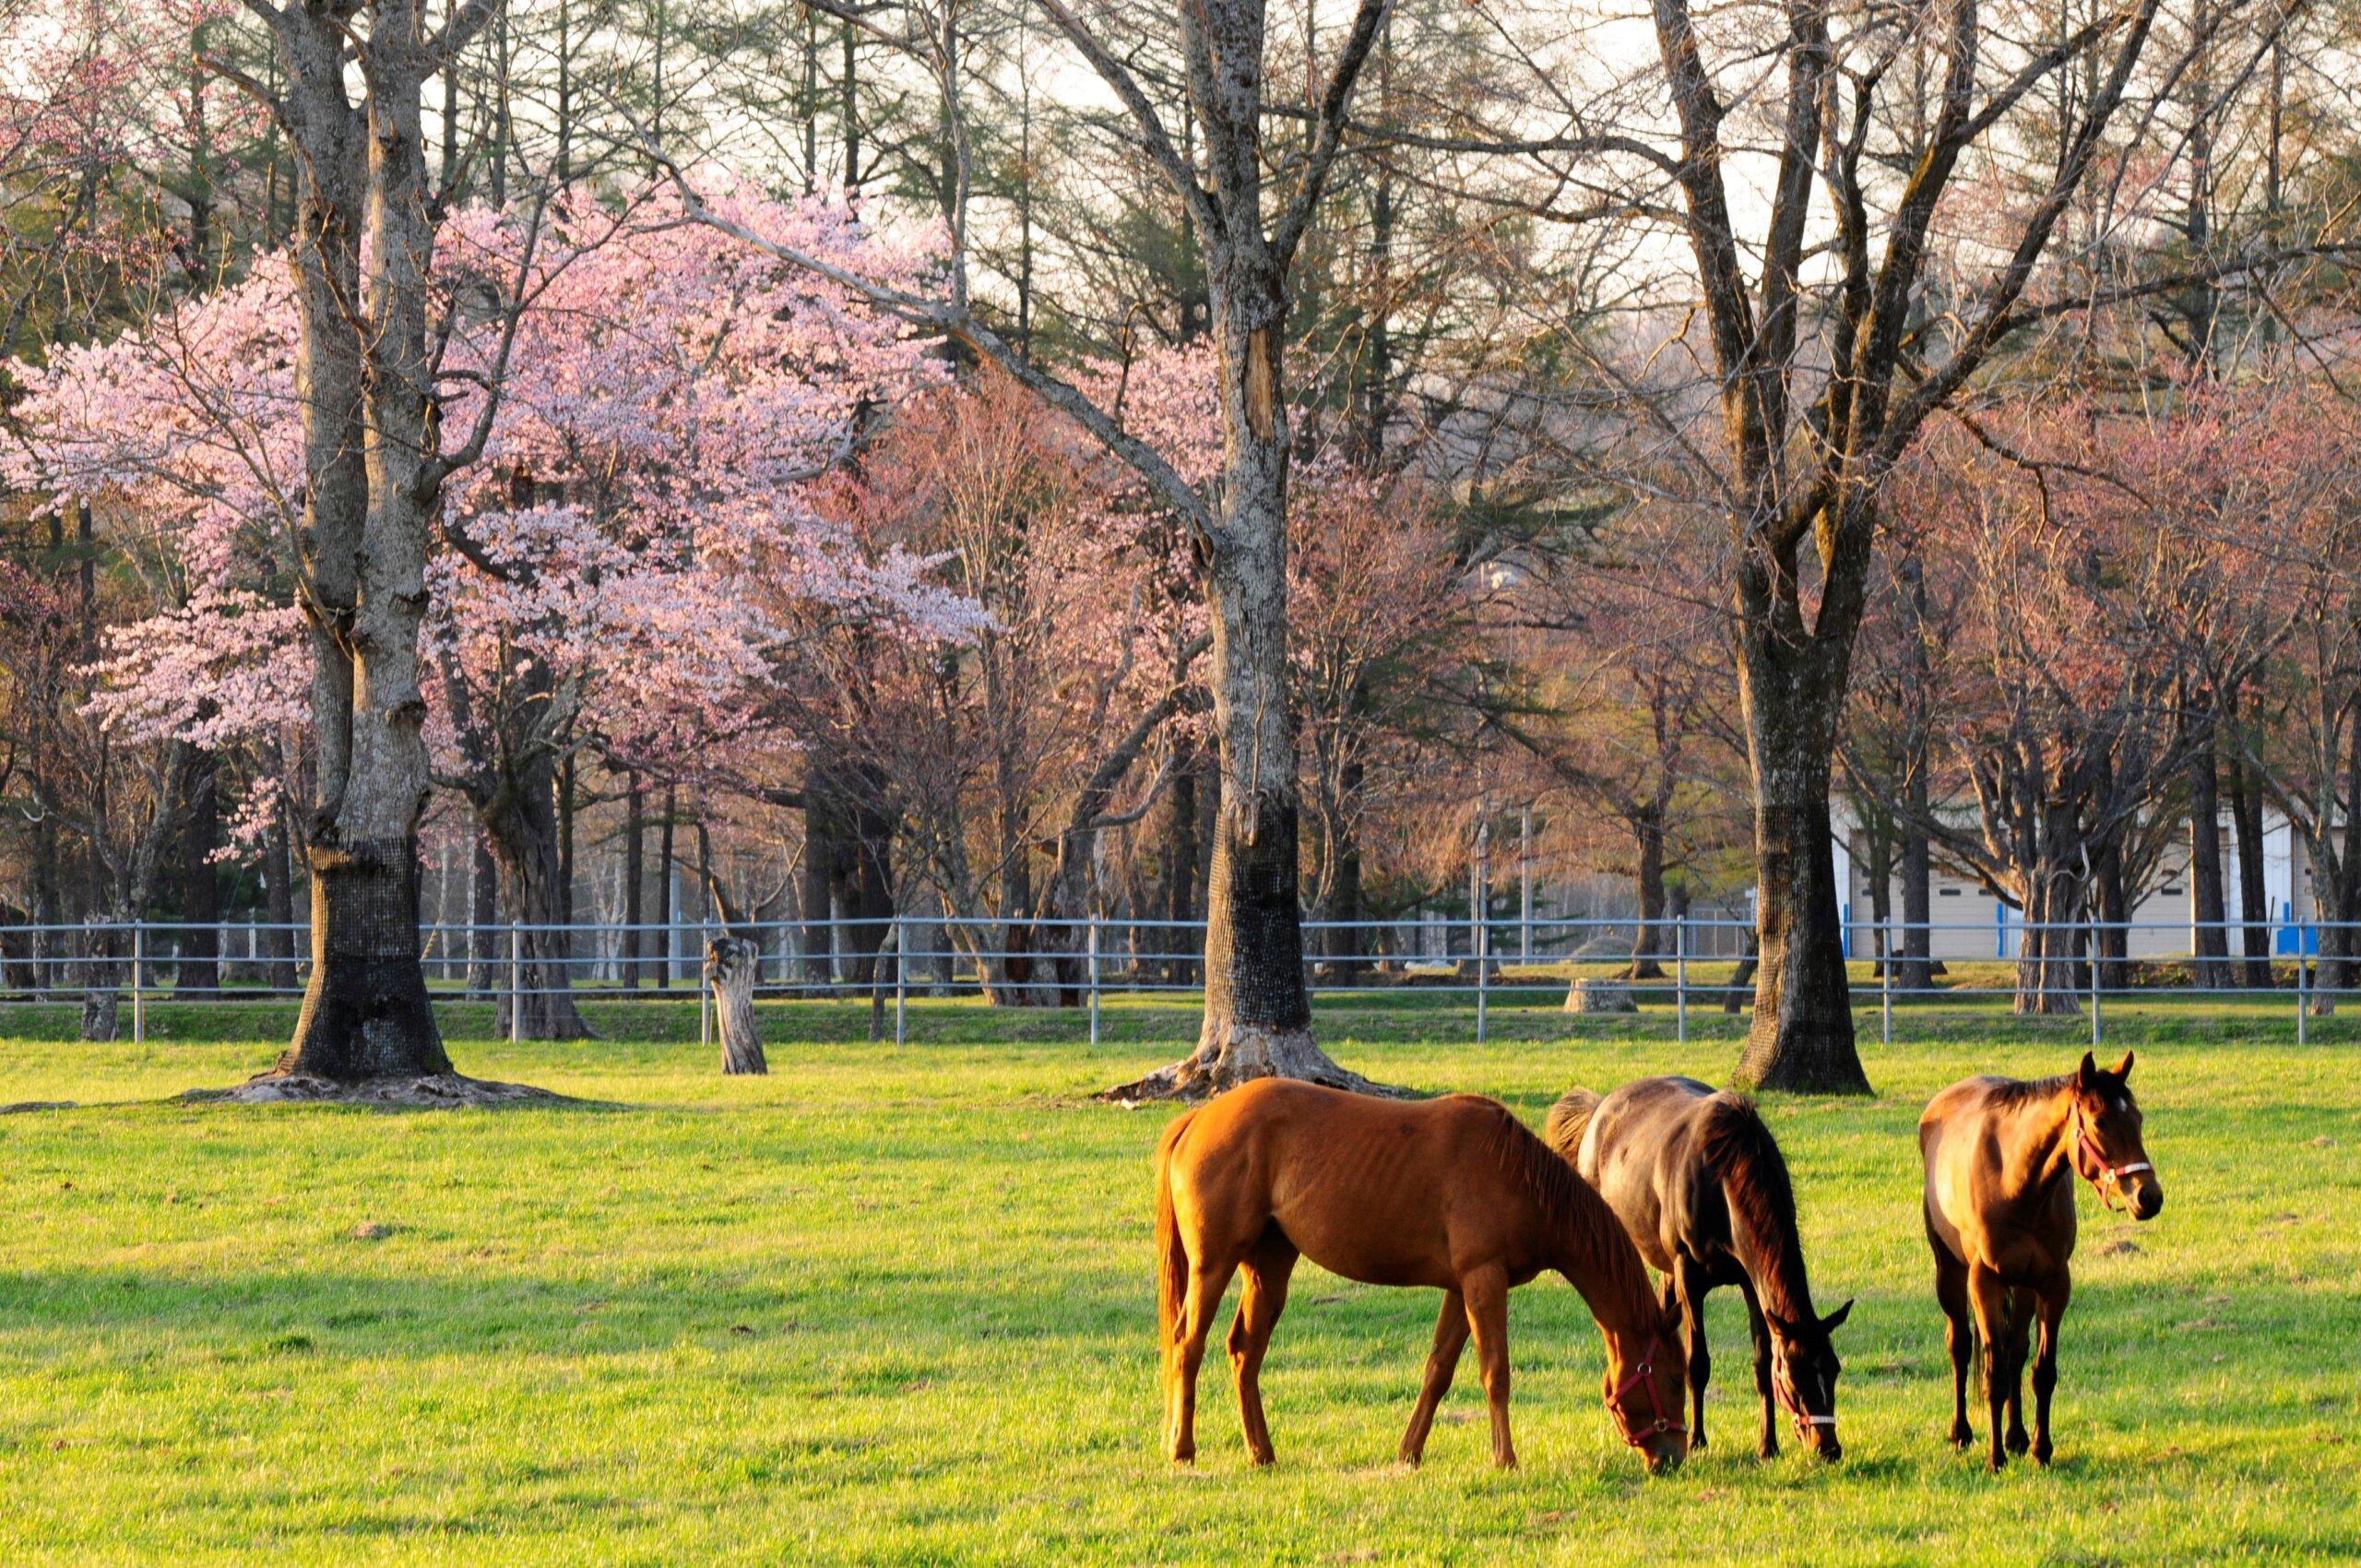 日本最大的賽馬培育和訓練中心「JRA日高育成牧場」